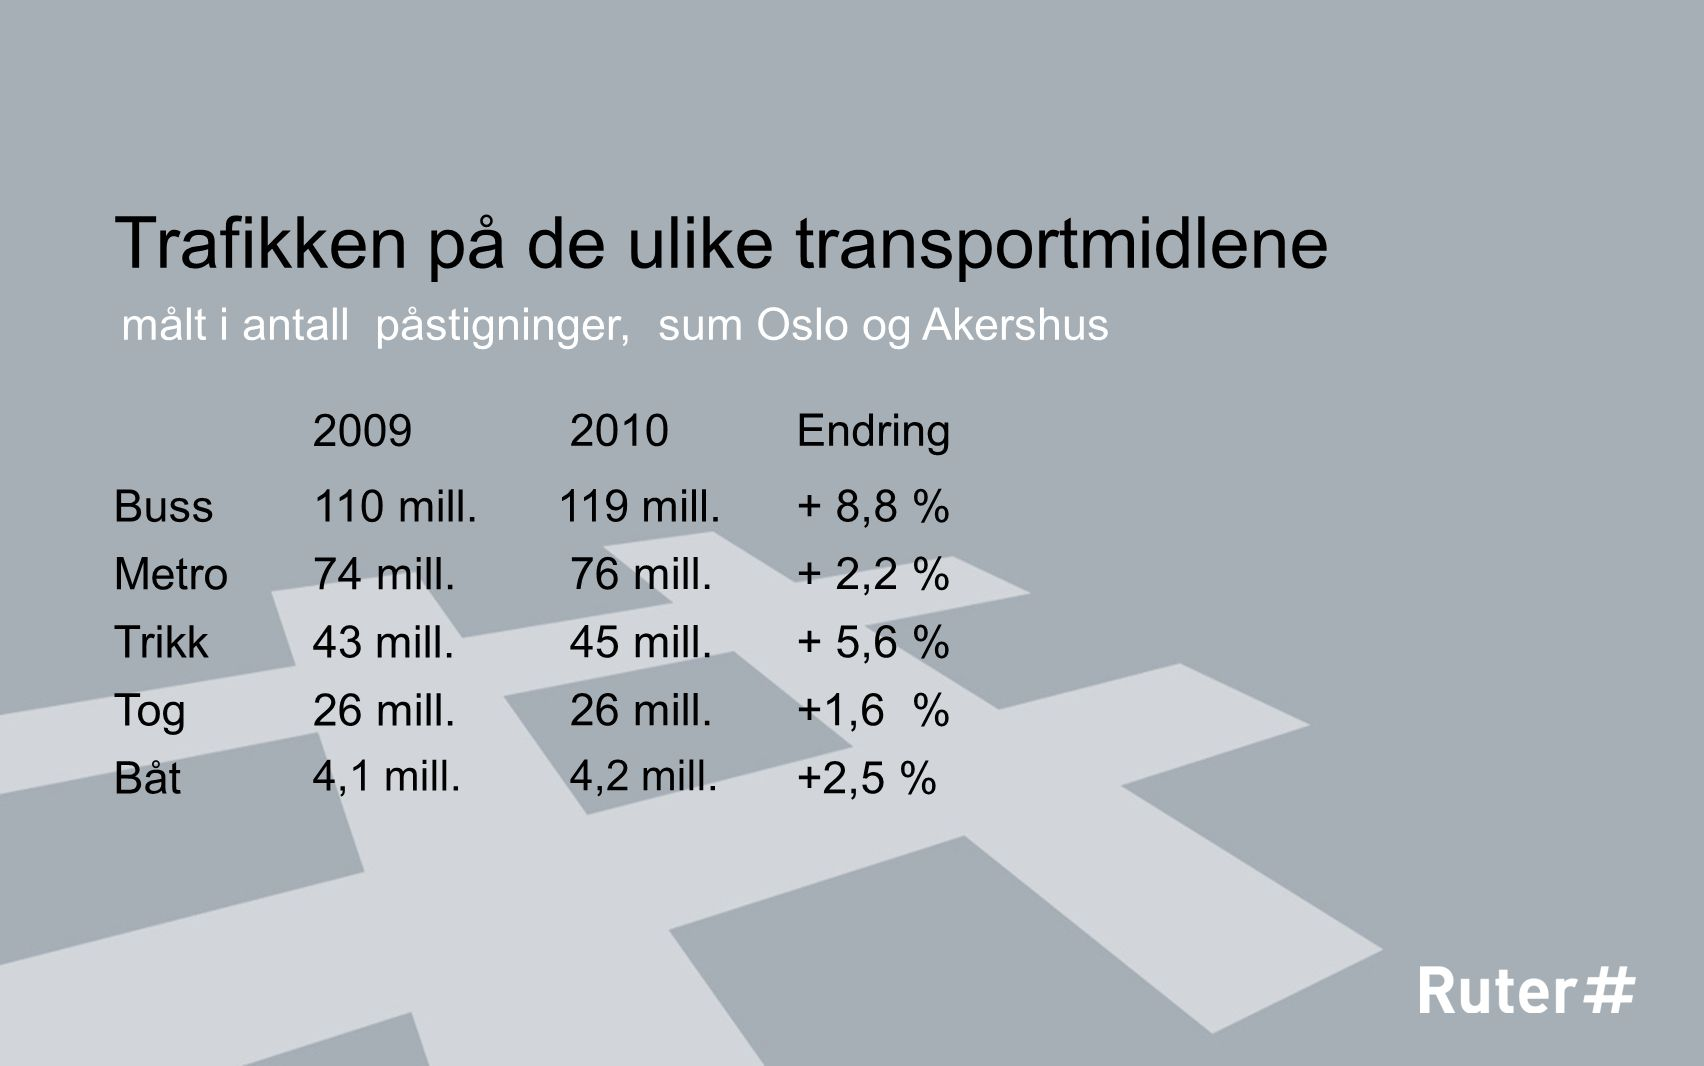 Trafikken på de ulike transportmidlene 2010 Buss 119 mill. målt i antall påstigninger, sum Oslo og Akershus Metro 76 mill. Trikk 45 mill. Tog 26 mill.